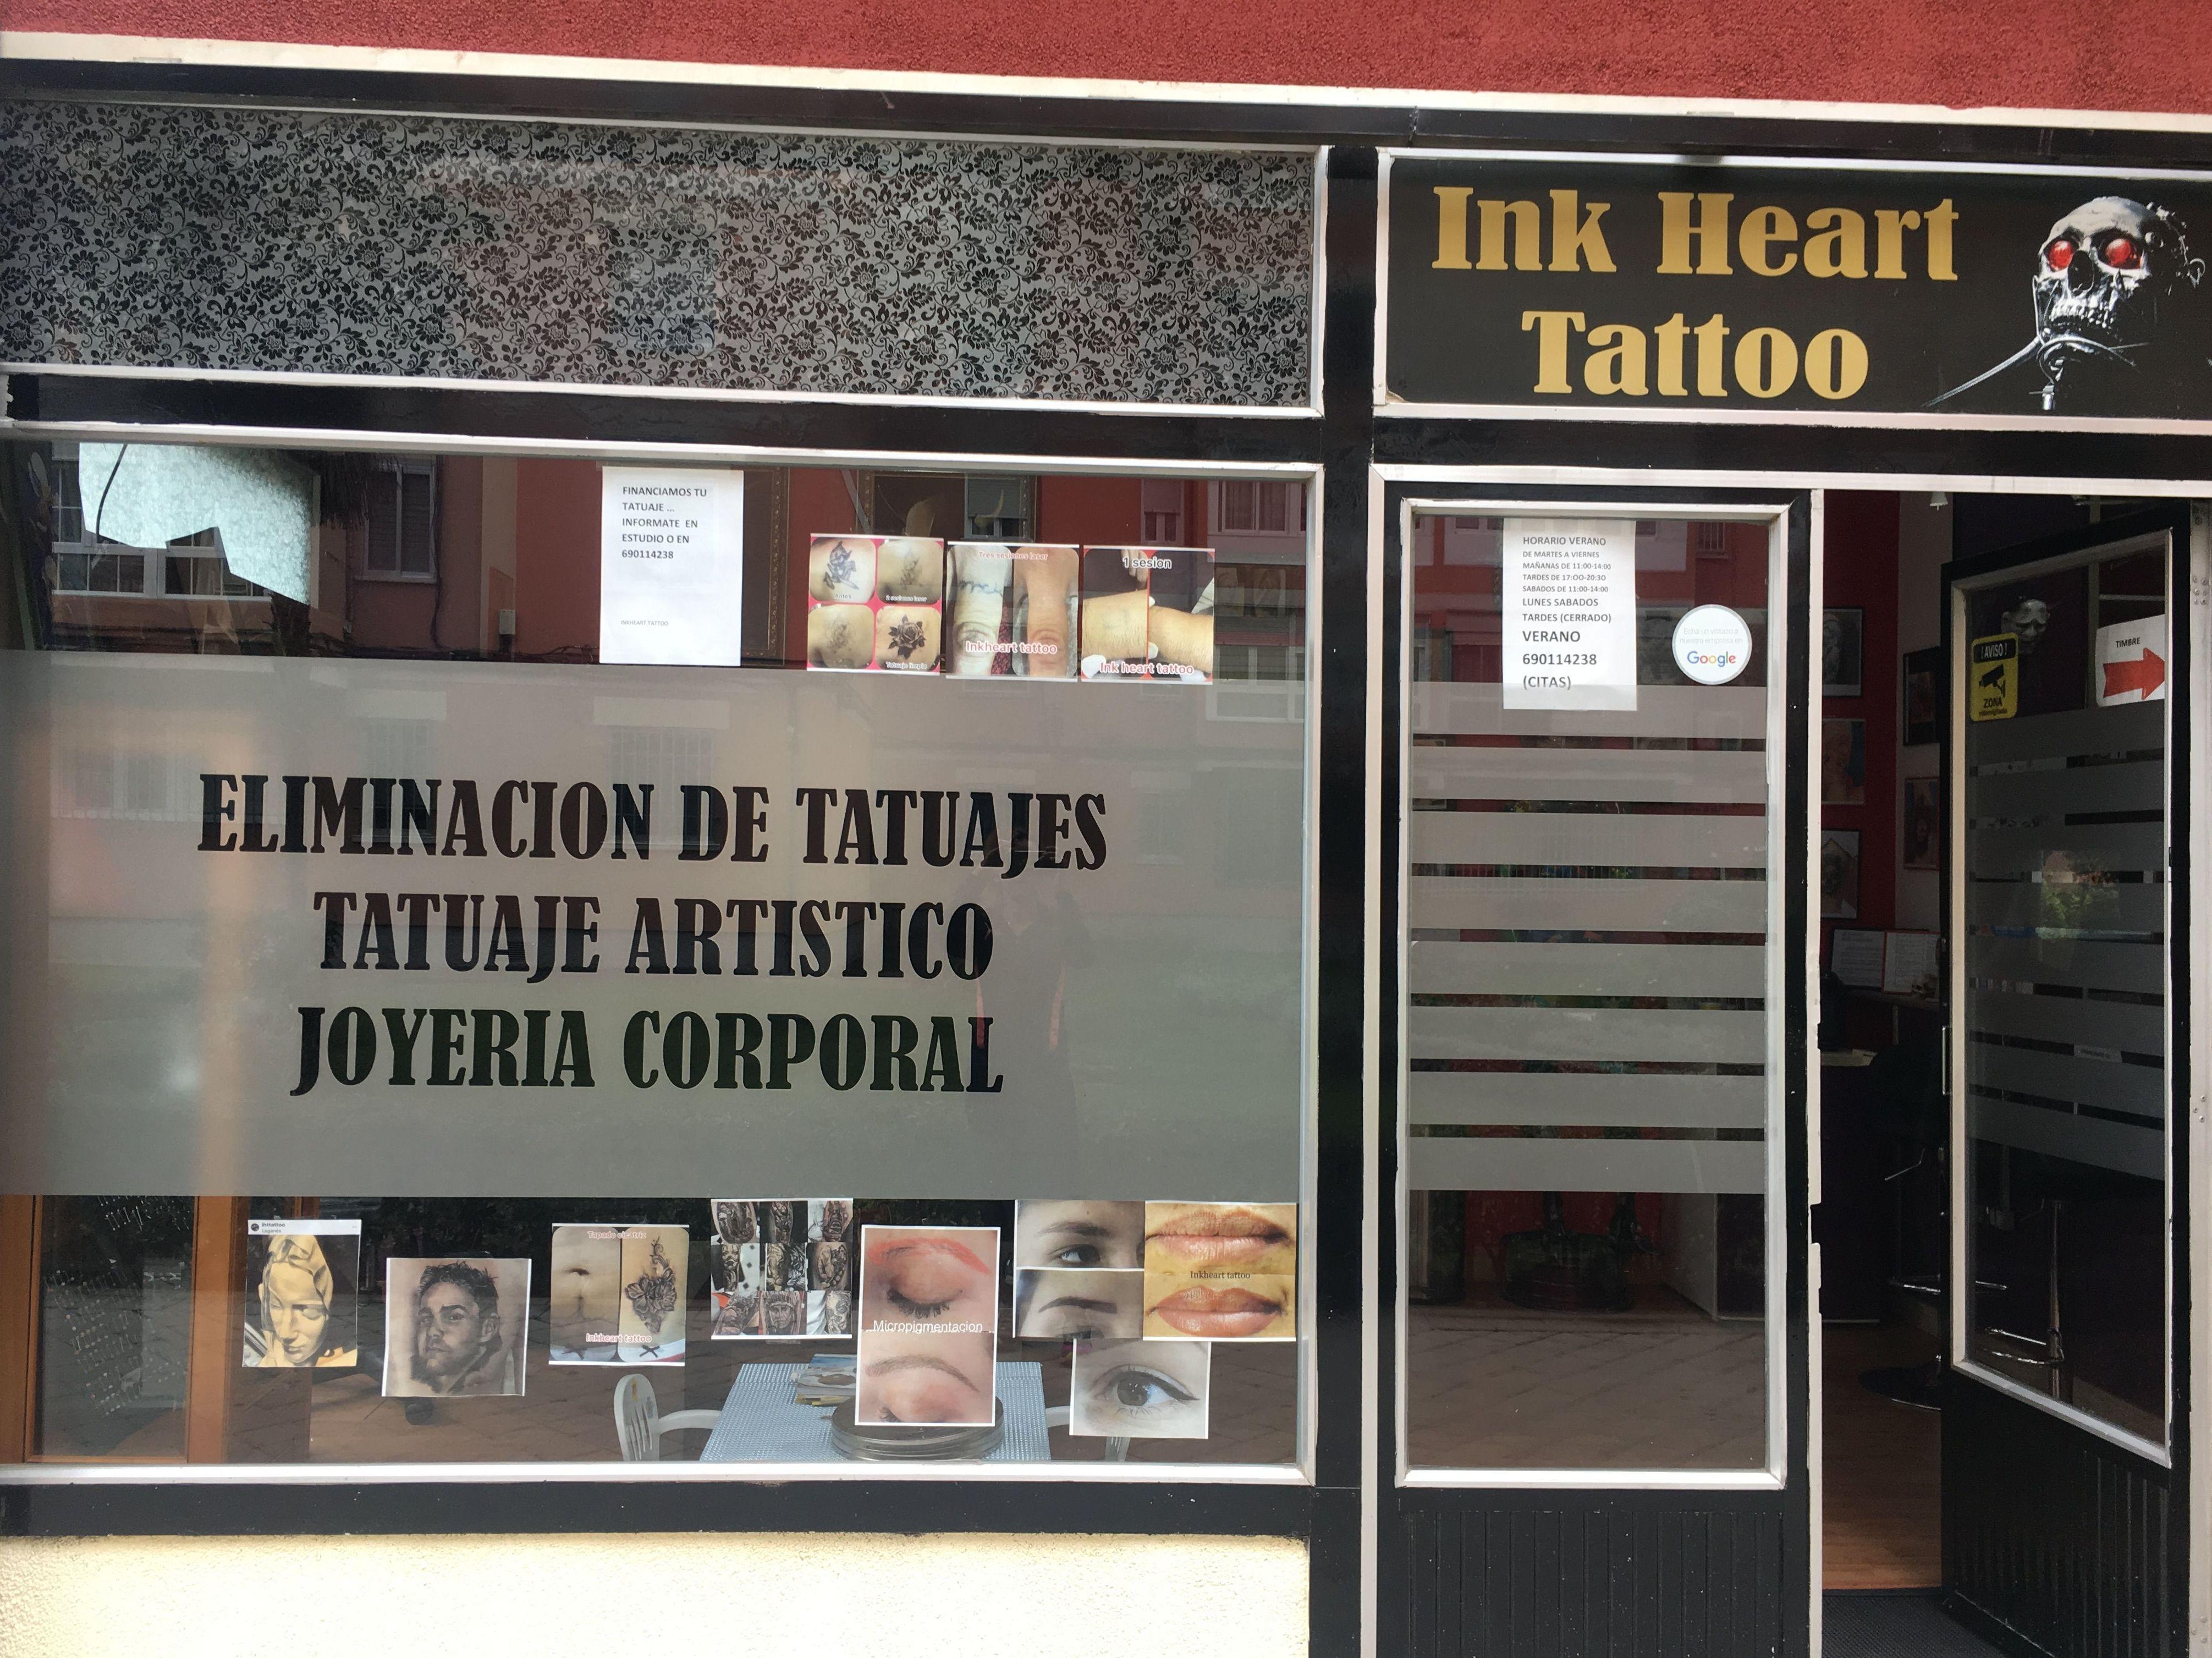 Estudio de tatuajes y eliminación